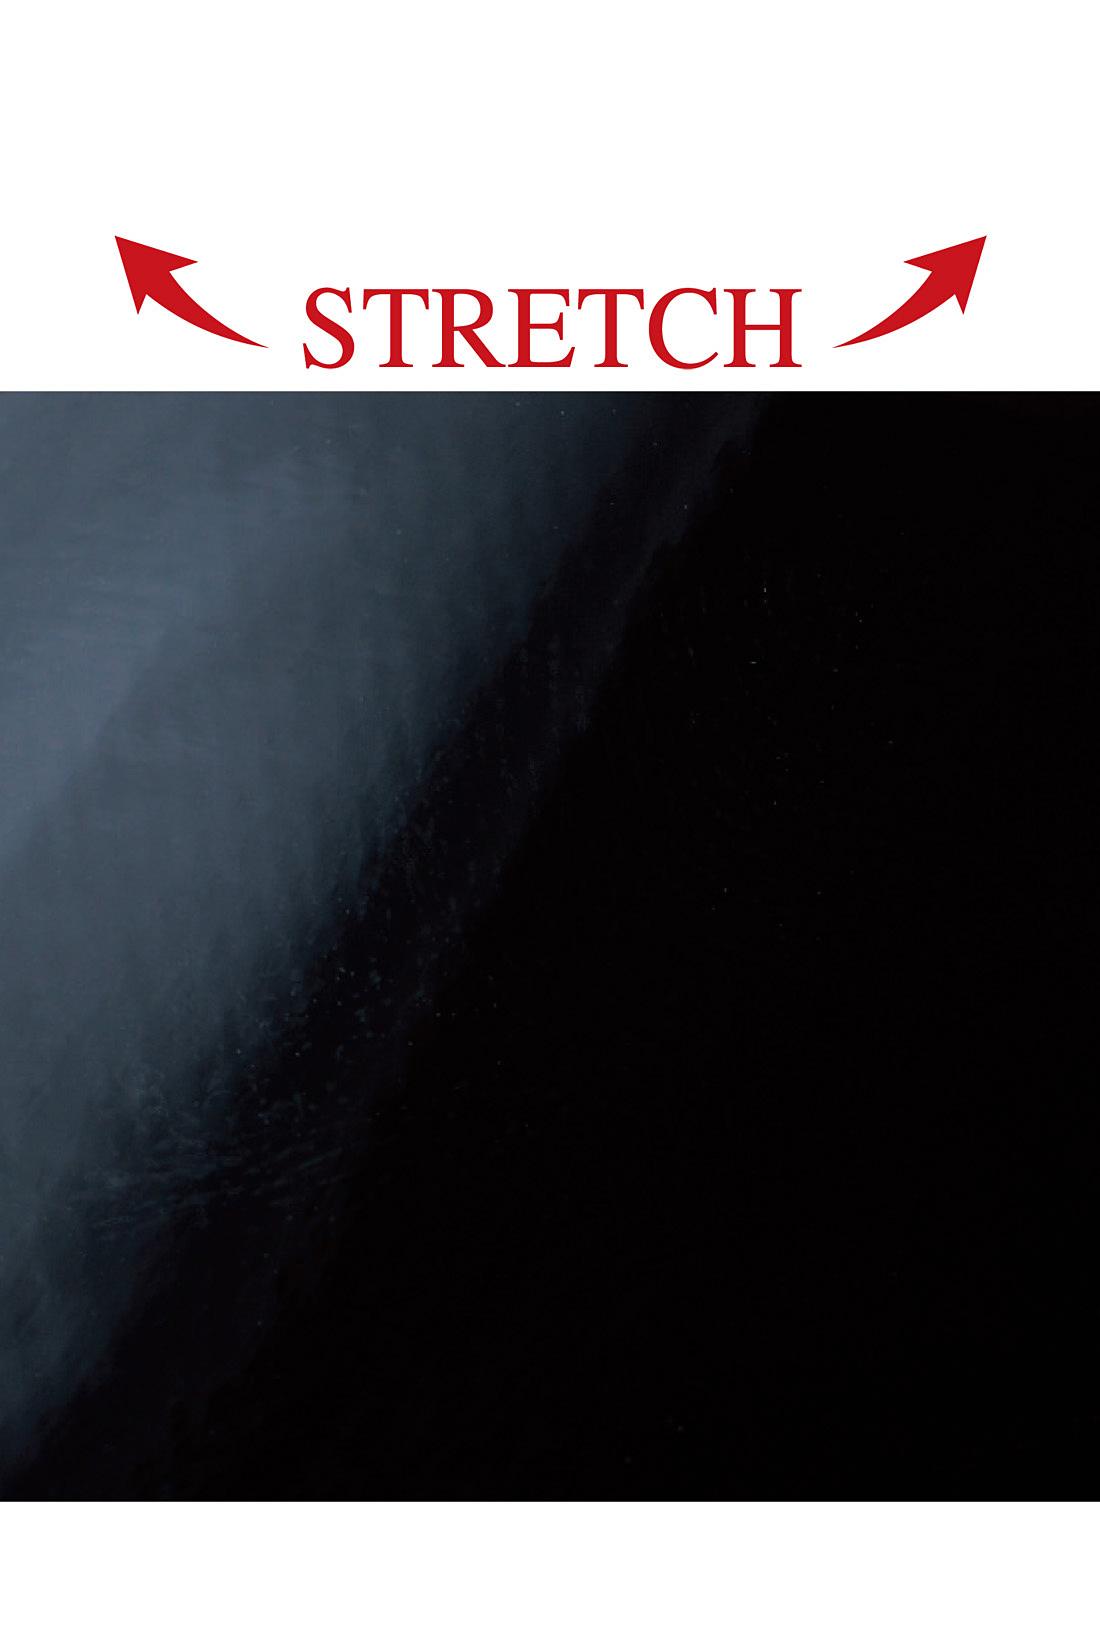 ストレッチ性のある合皮だから、ポインテッドトウでも痛くなりにくい。※お届けするカラーとは異なります。